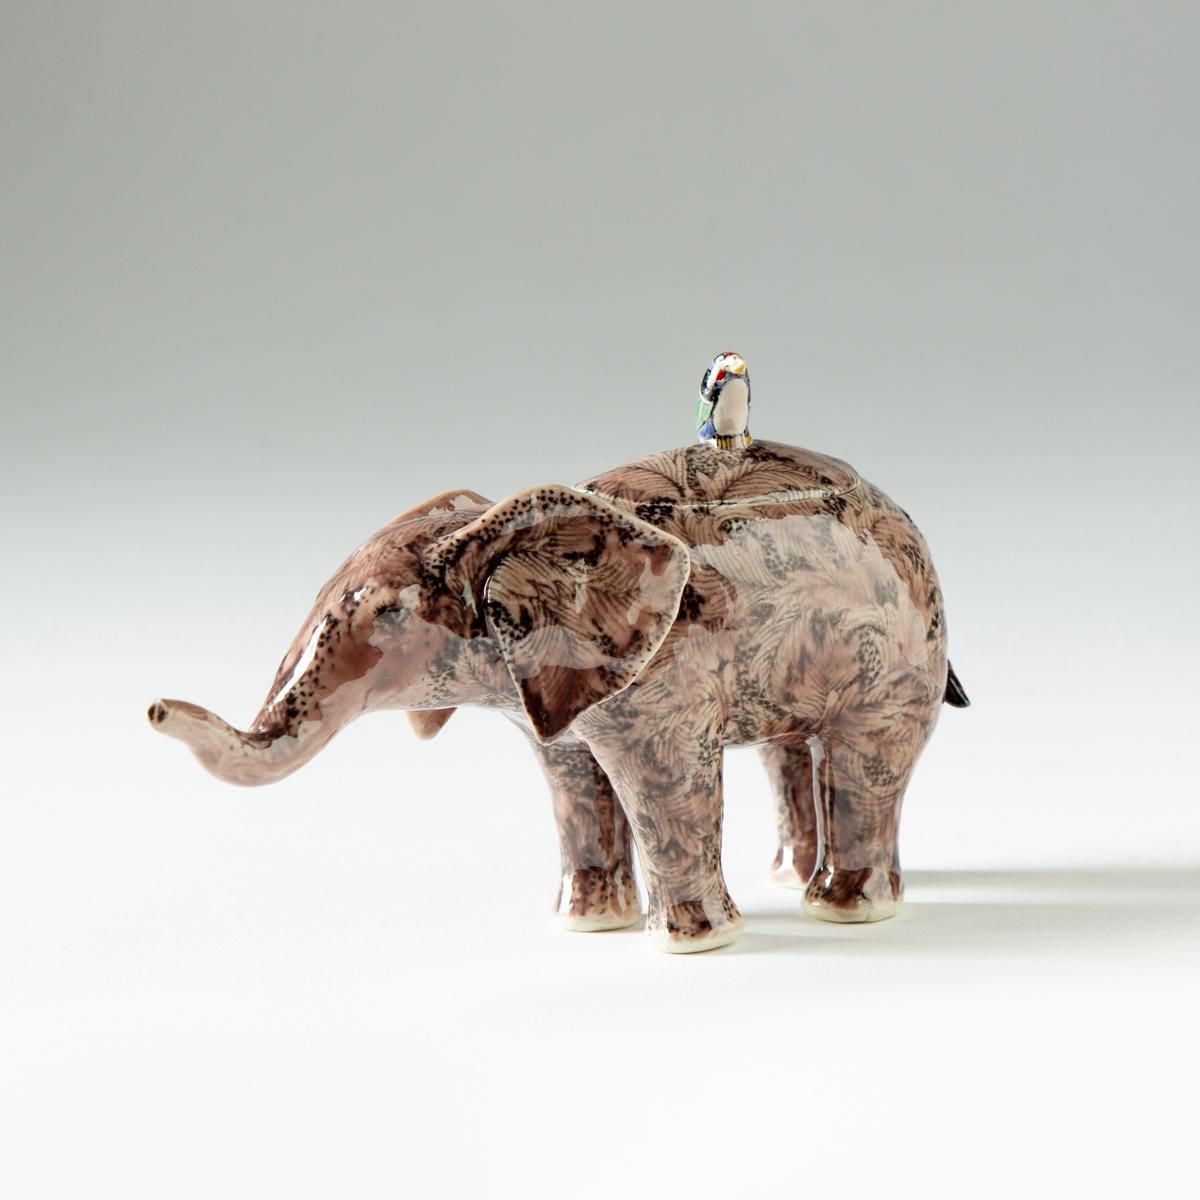 Elephant calf, Kensuke Fujiyoshi